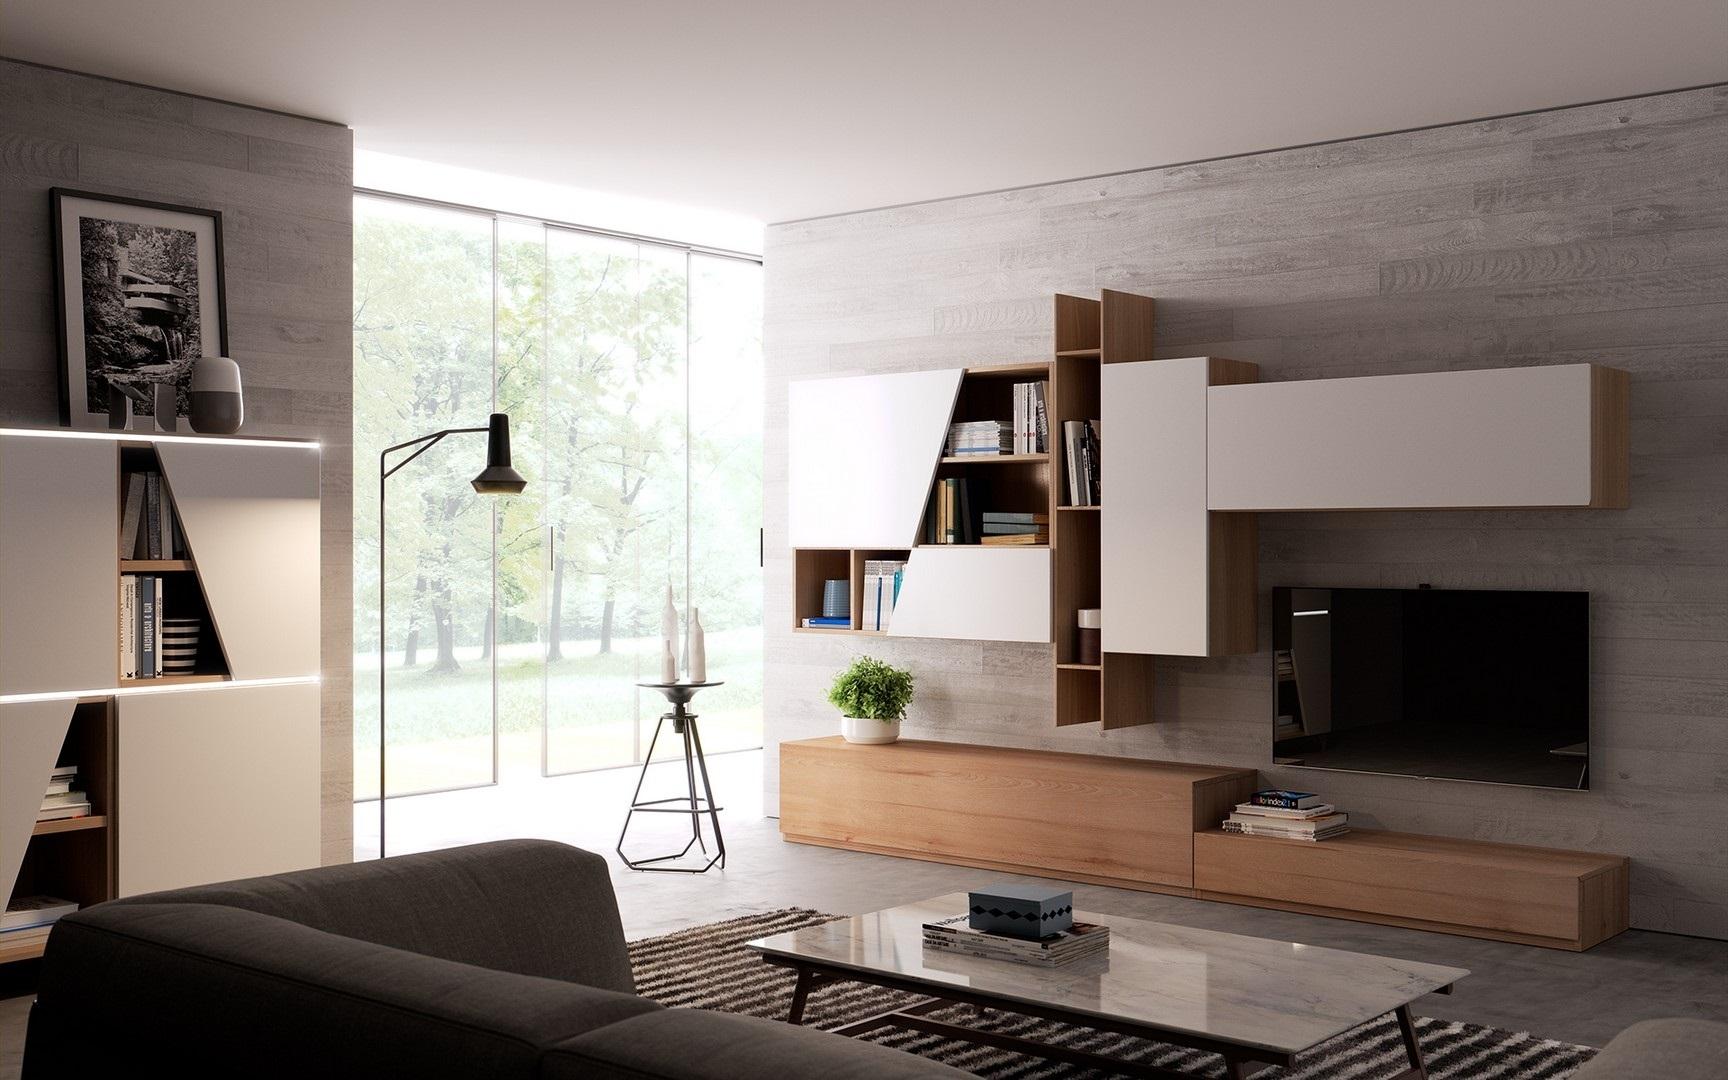 giessegi soggiorno living scontato del -32 % - soggiorni a prezzi ... - Soggiorno Giessegi 2